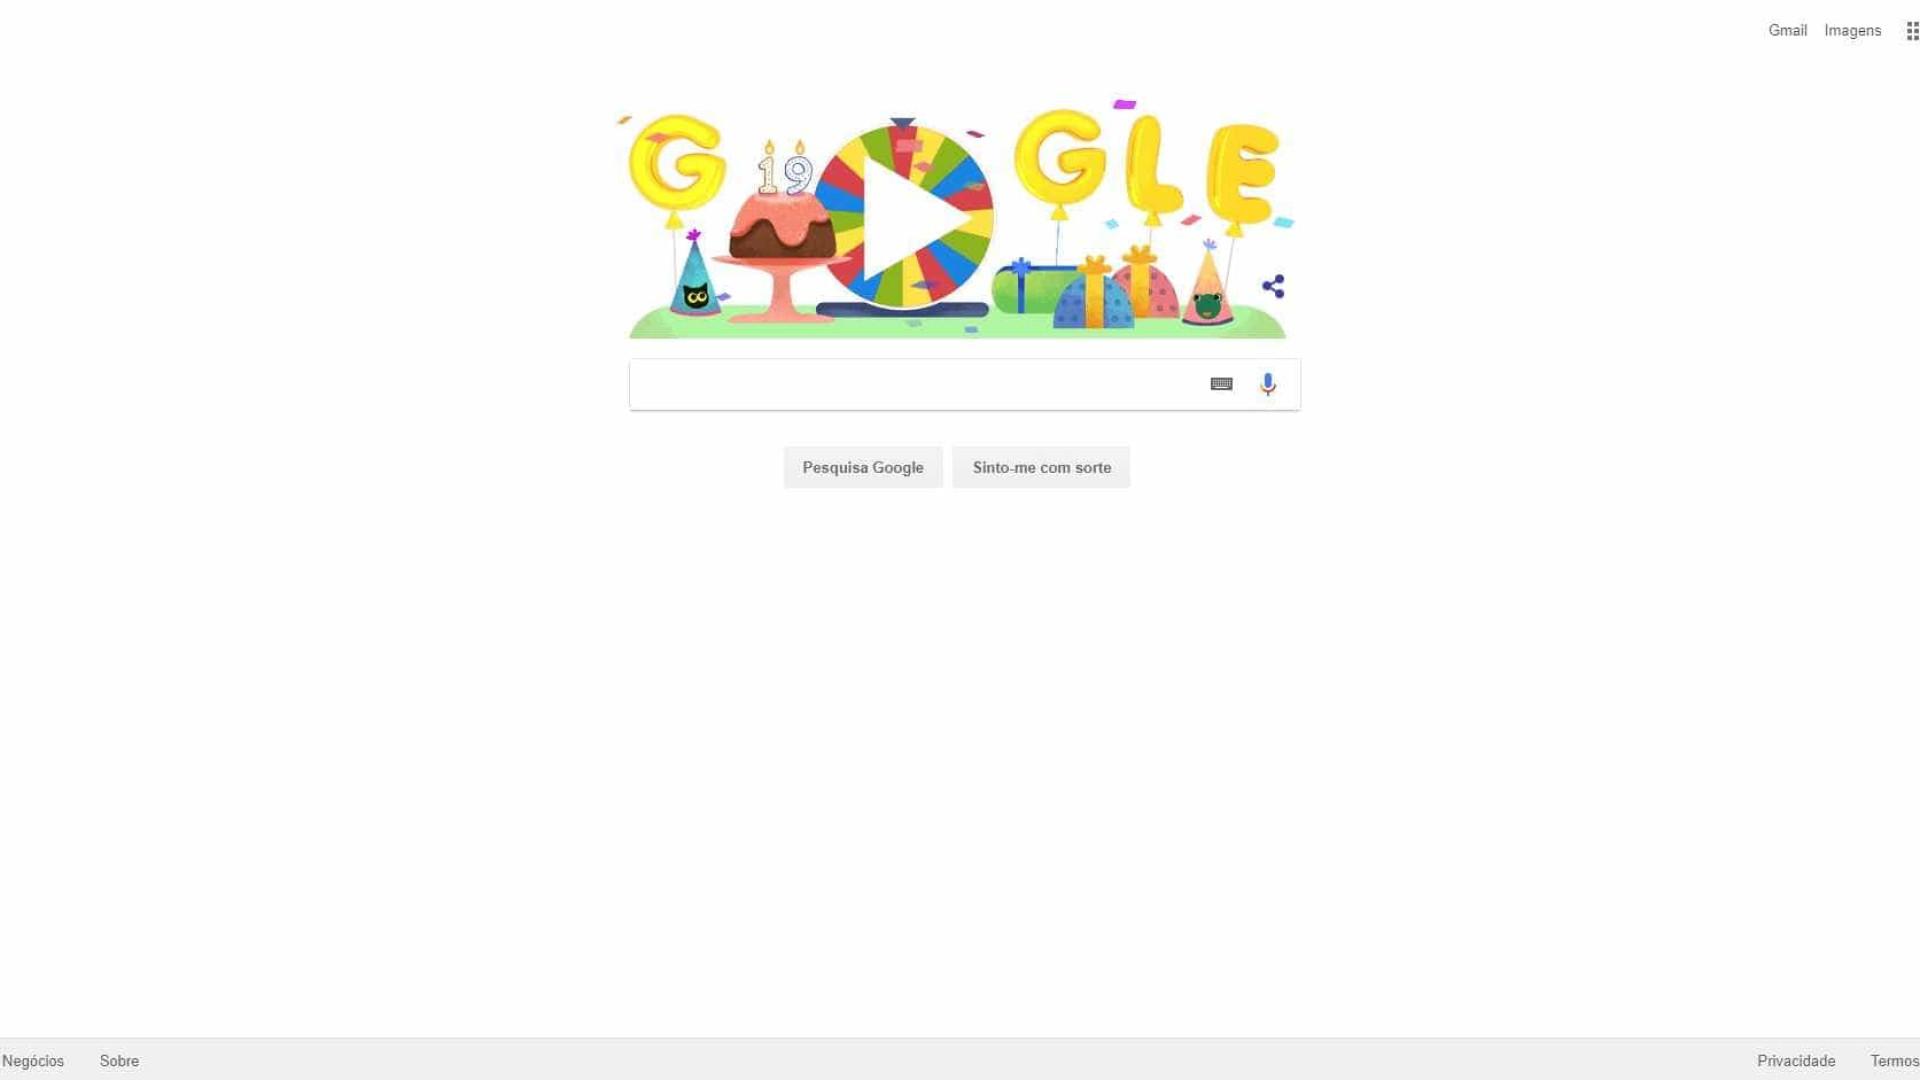 Aproveite o 19.º aniversário da Google para recordar os melhores Doodles